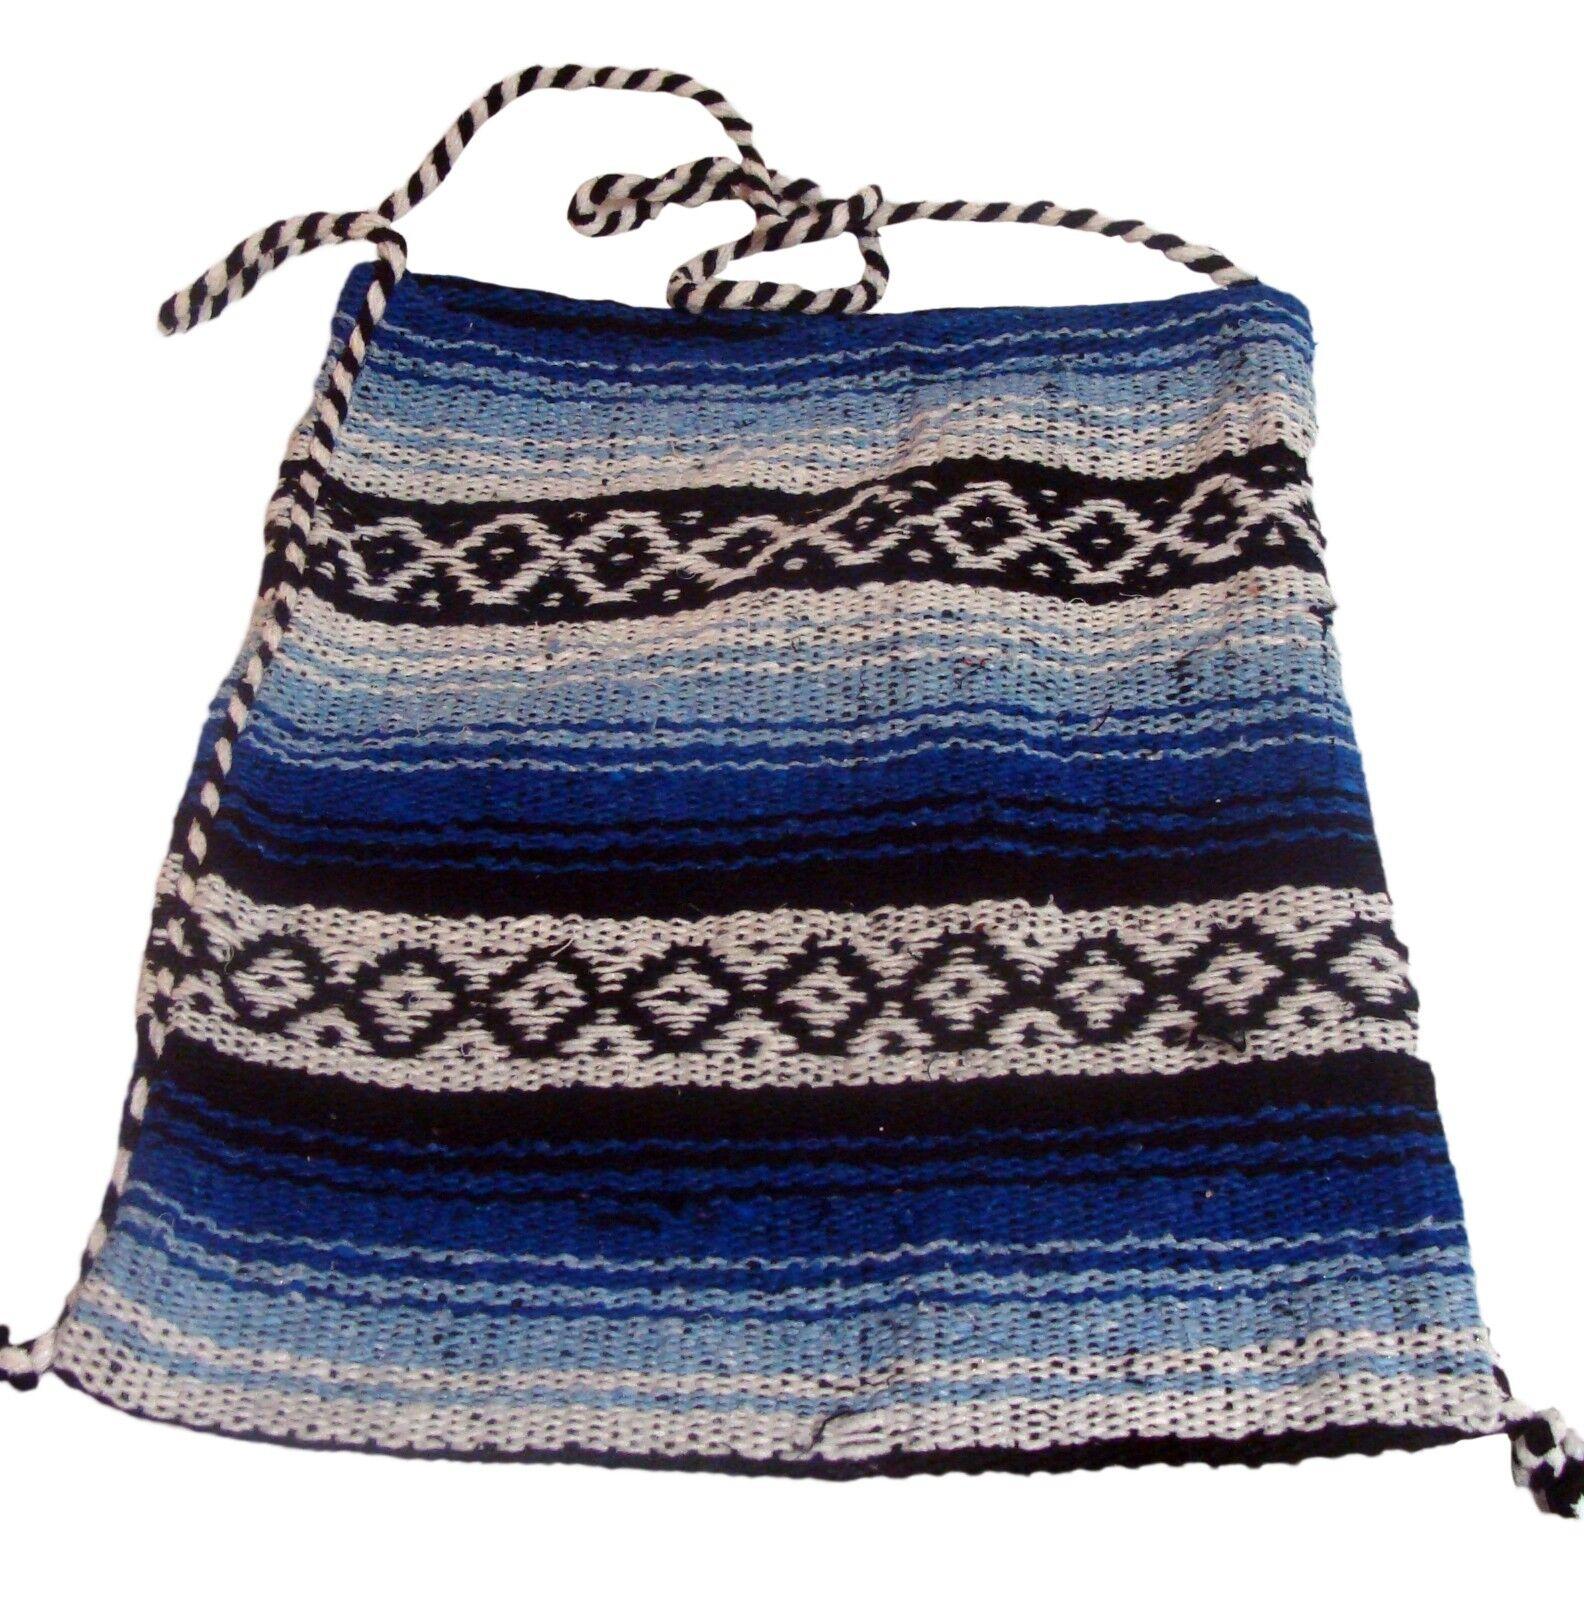 """#136 Falsa Market Tote Woven Bag 14/"""" x 16/"""" Artisan Made Fair Trade Mexico Purse"""